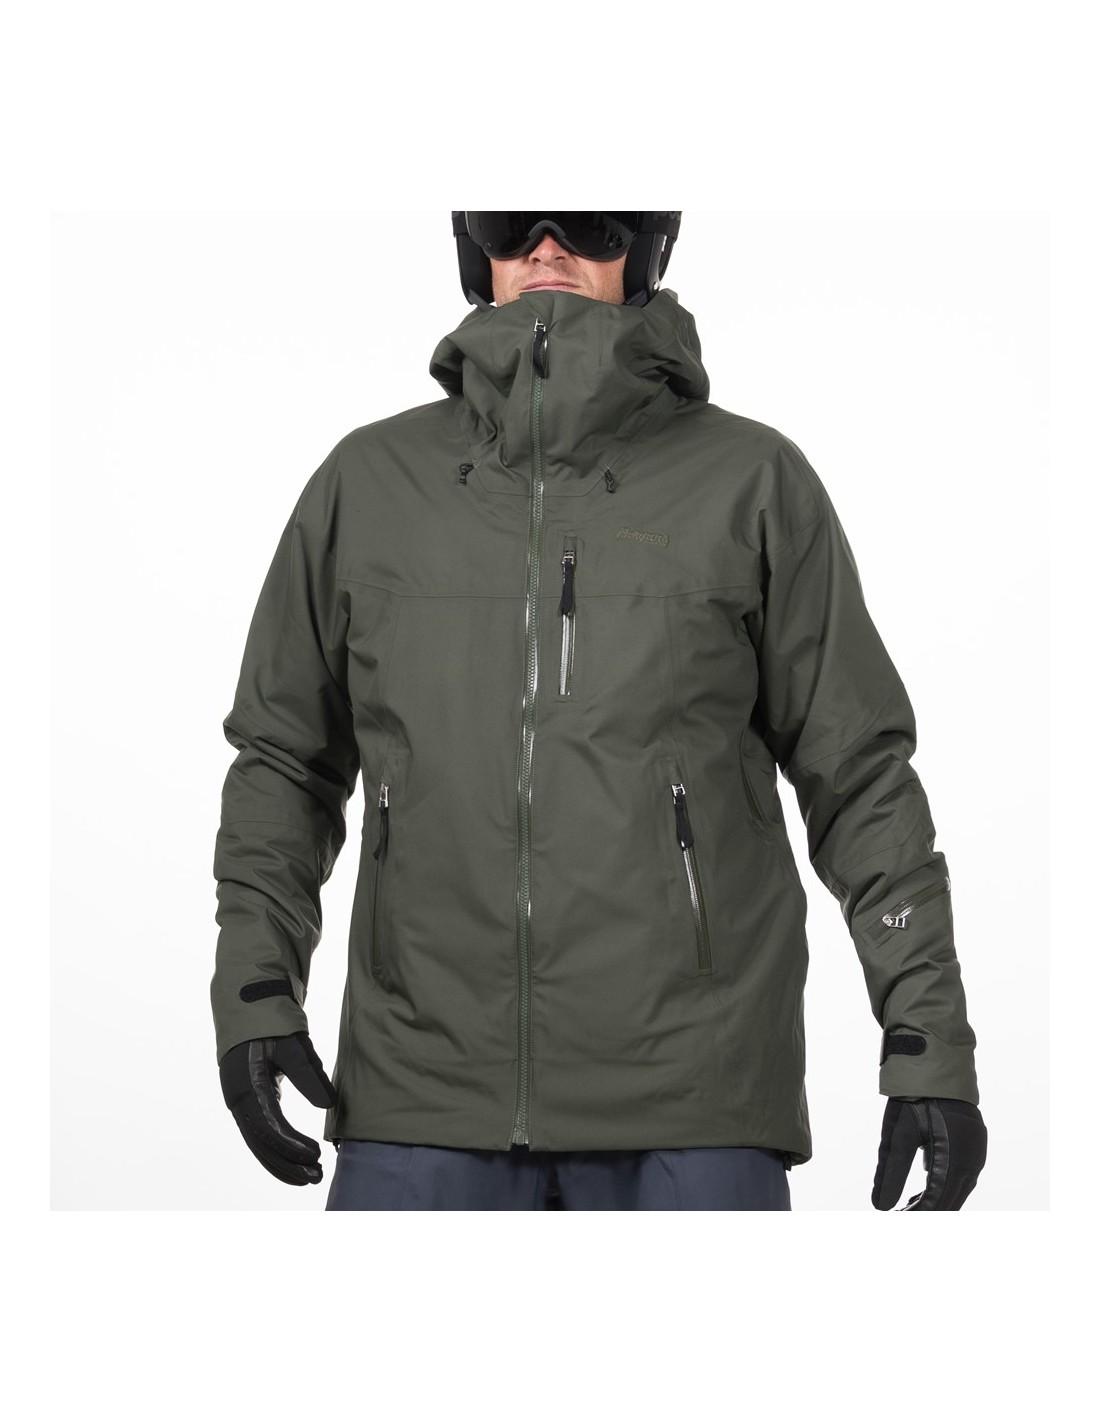 a69f8c2eb6b Vindjakker Herrer Bergans Stranda Insulated Hybrid Jacket Herre 8750 ...